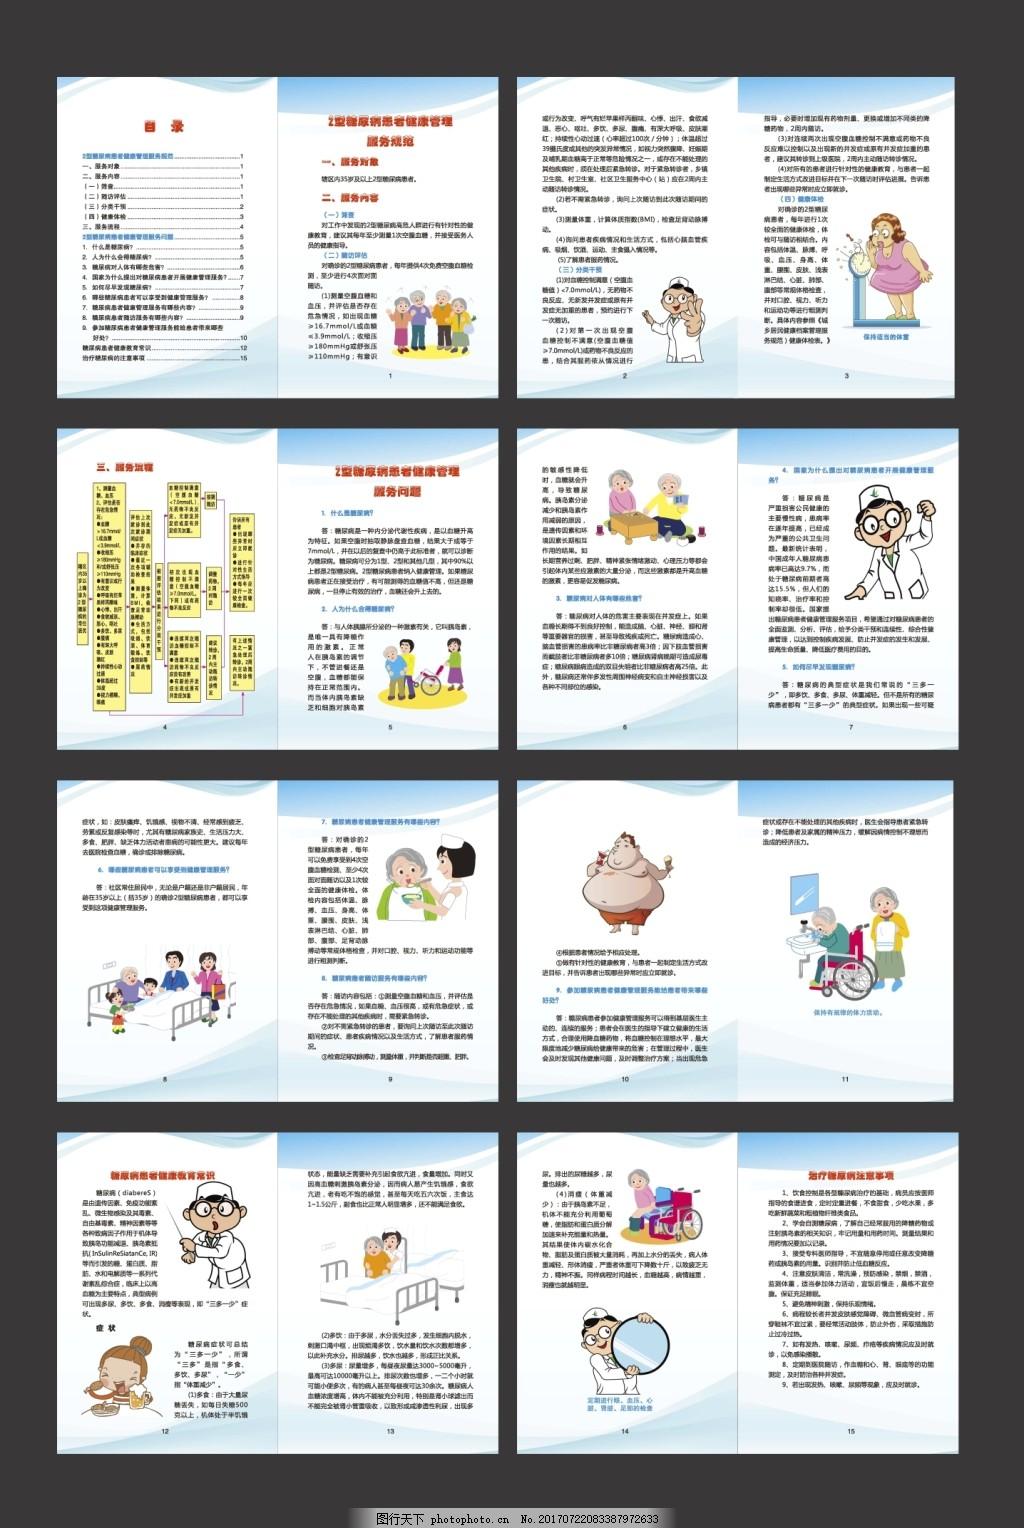 2型糖尿病画册画册模板 健康宣传册 健康知识手册 糖尿病手册糖尿